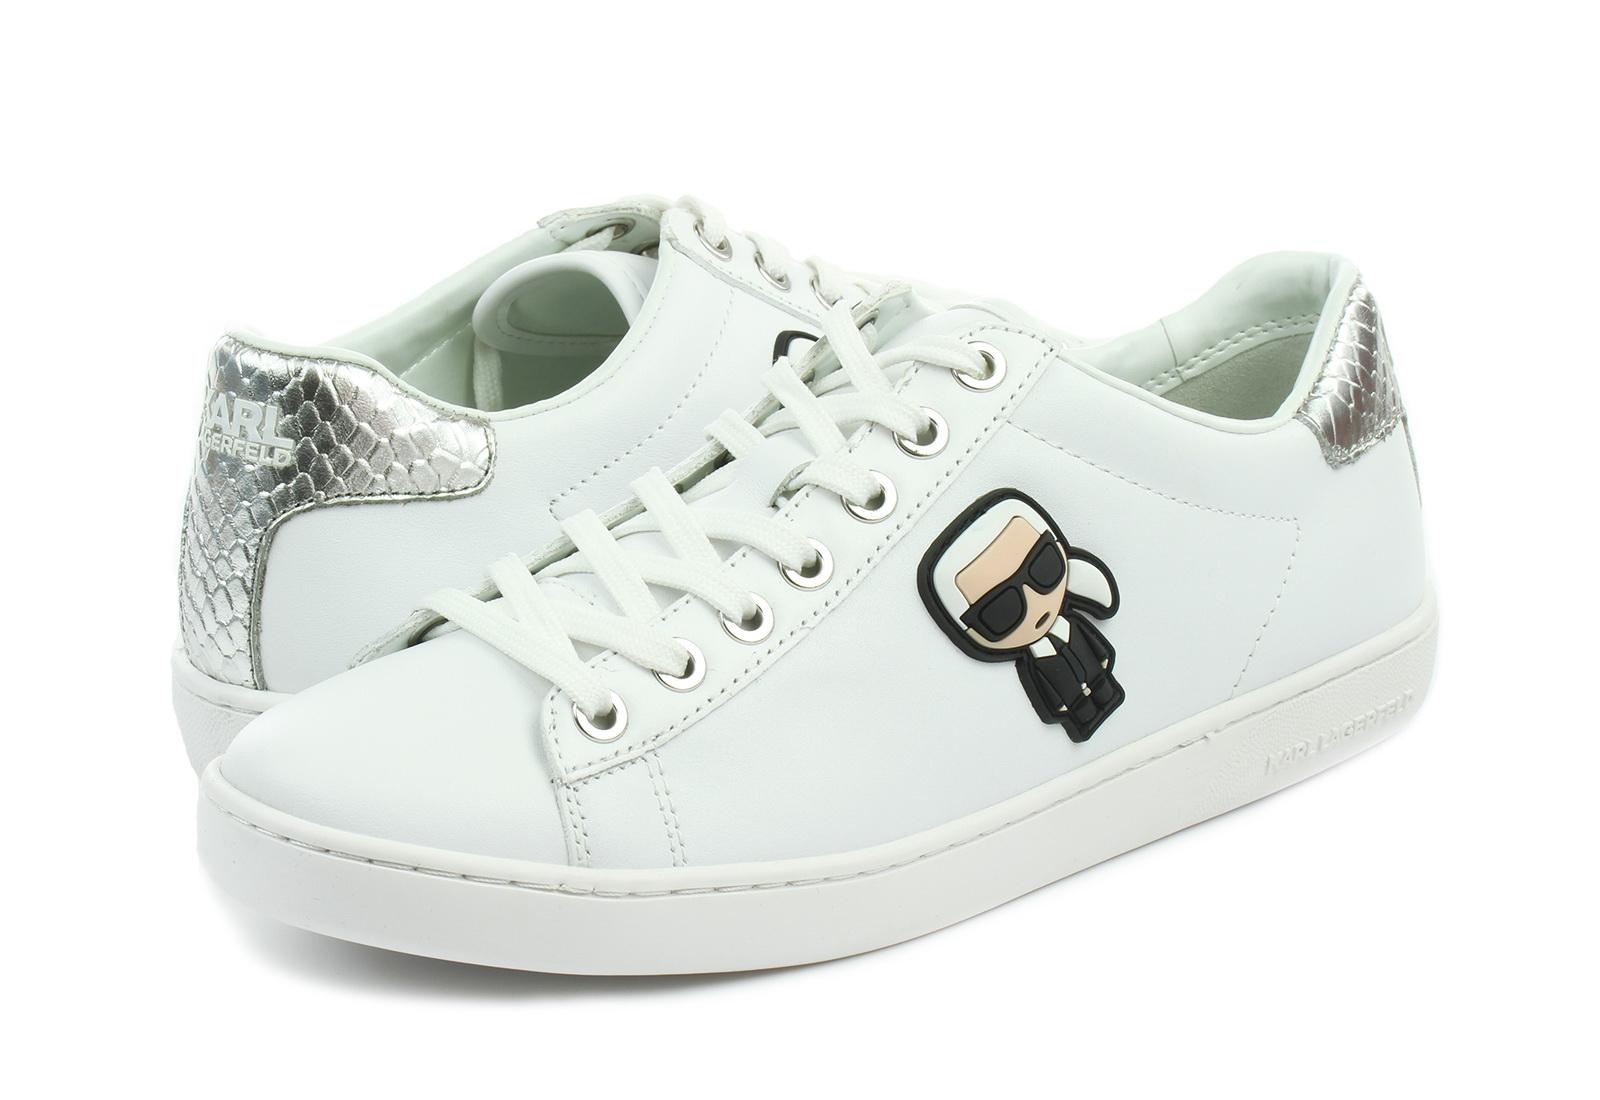 Karl Lagerfeld Čevlji Kupsole